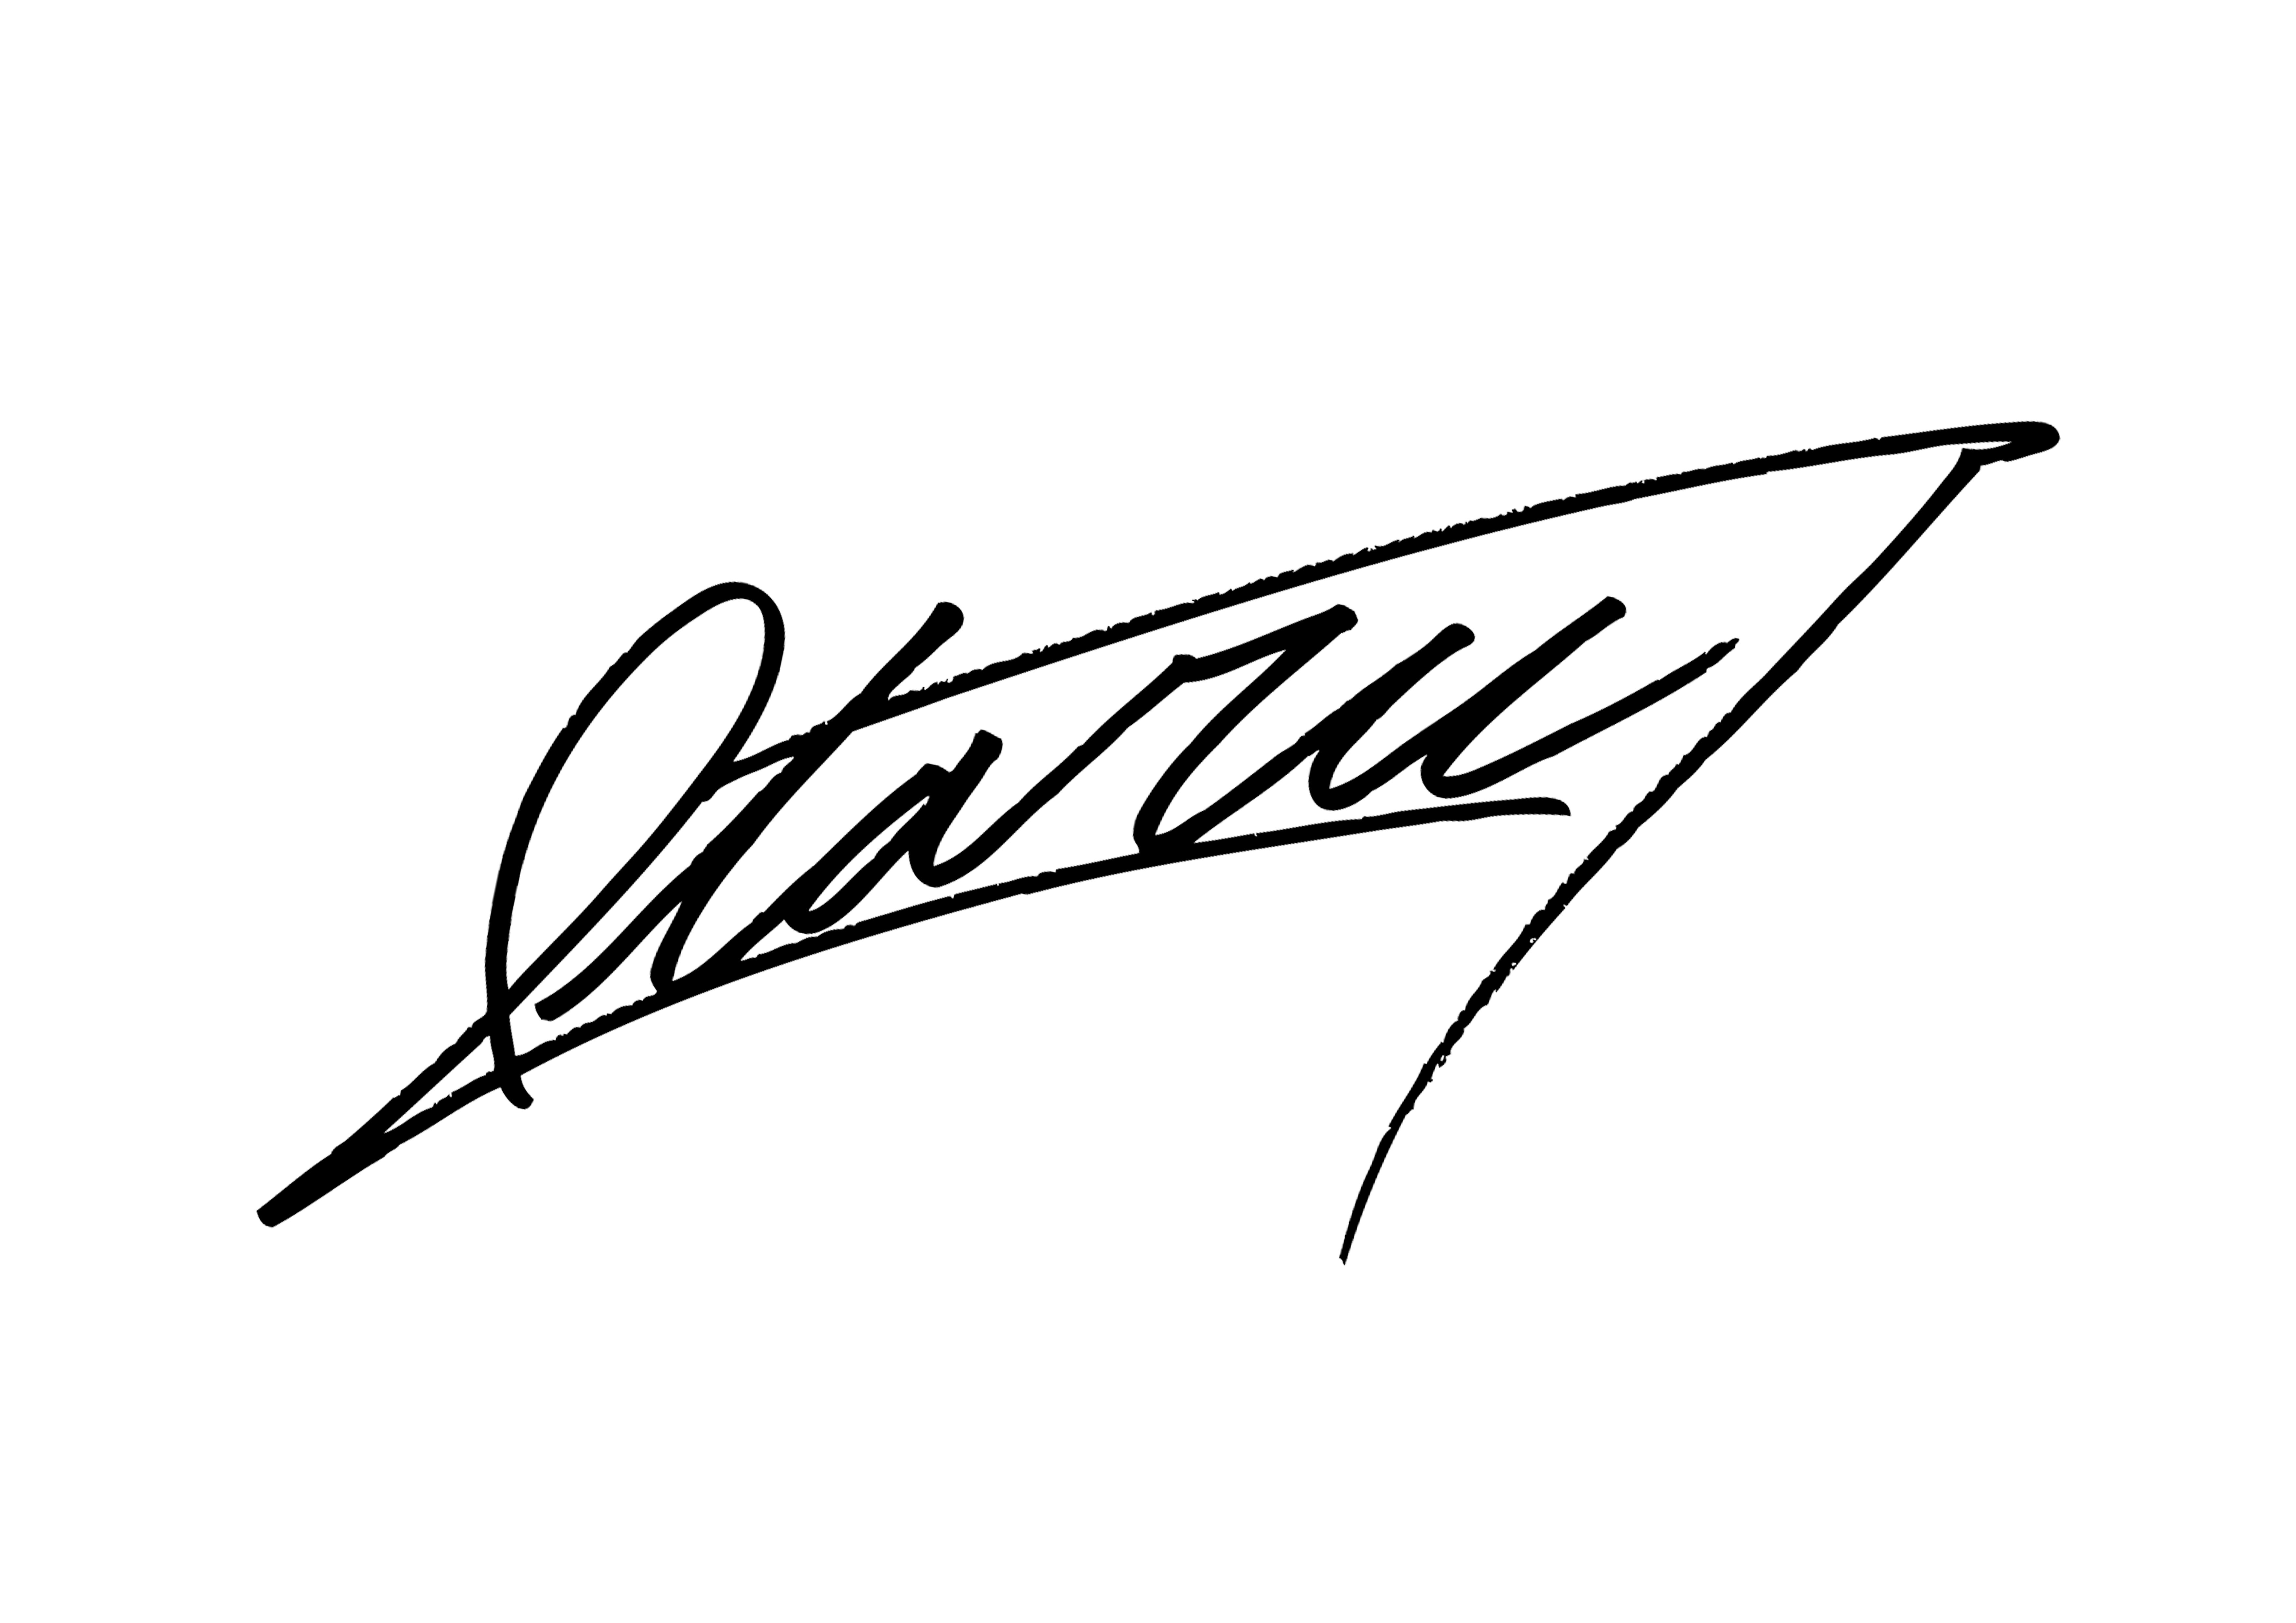 Itaru Tsubota Signature